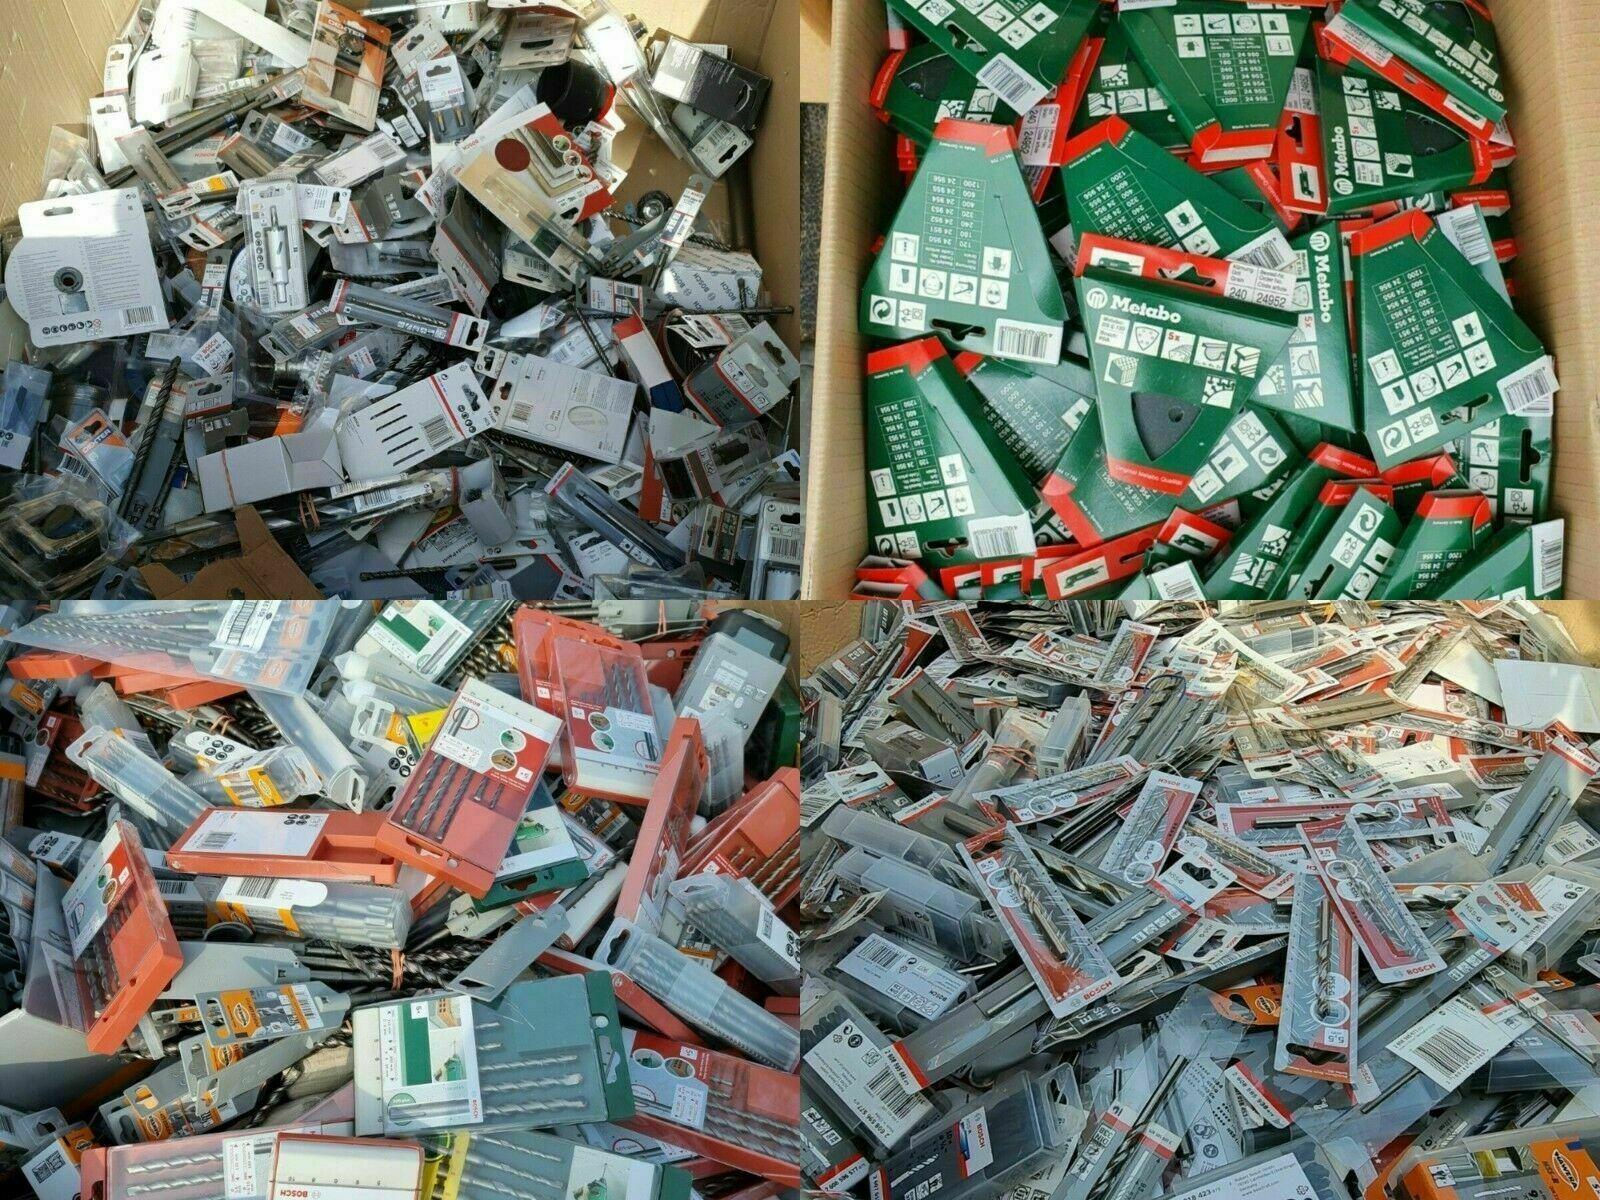 50 Teile Restposten Werkzeug Bosch Wolfcraft Metabo Sammlung Konvolut Baumarkt